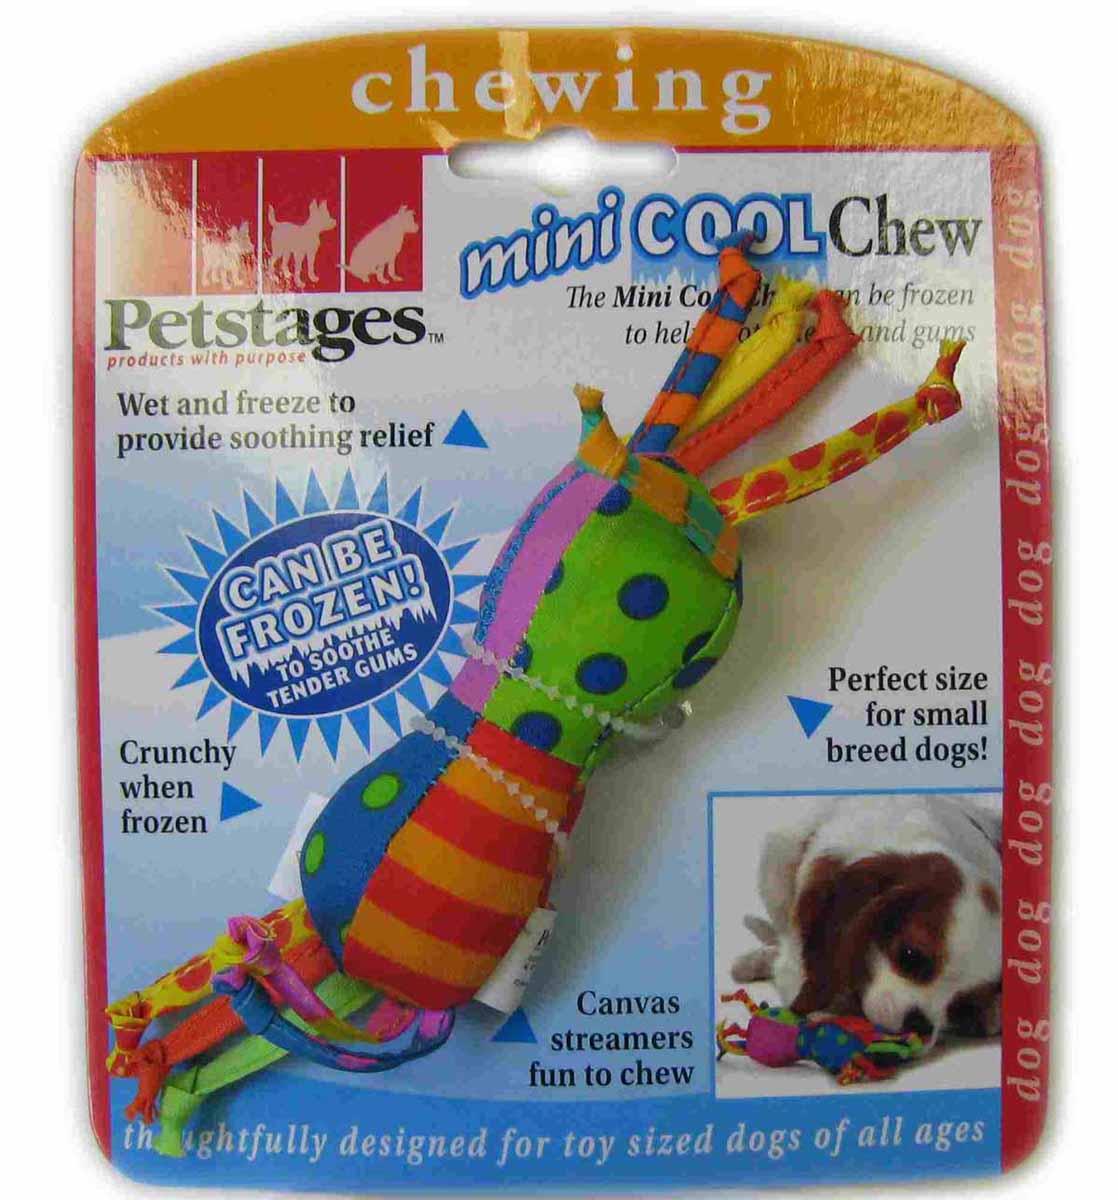 Игрушка для собак Petstages Mini Гантелька, для нежных десен. 139REX139REXИгрушка для собак Petstages Mini Гантелька, изготовленная из полиэстера, предназначена для собак мелких пород с нежными и воспаленными деснами. Намочите игрушку и заморозьте. В холодном состоянии хрустит, что поддерживает интерес к игре, холод способствует снятию воспаления десен. Характеристики: Материал: 100% полиэстер.Длина игрушки: 16 см.